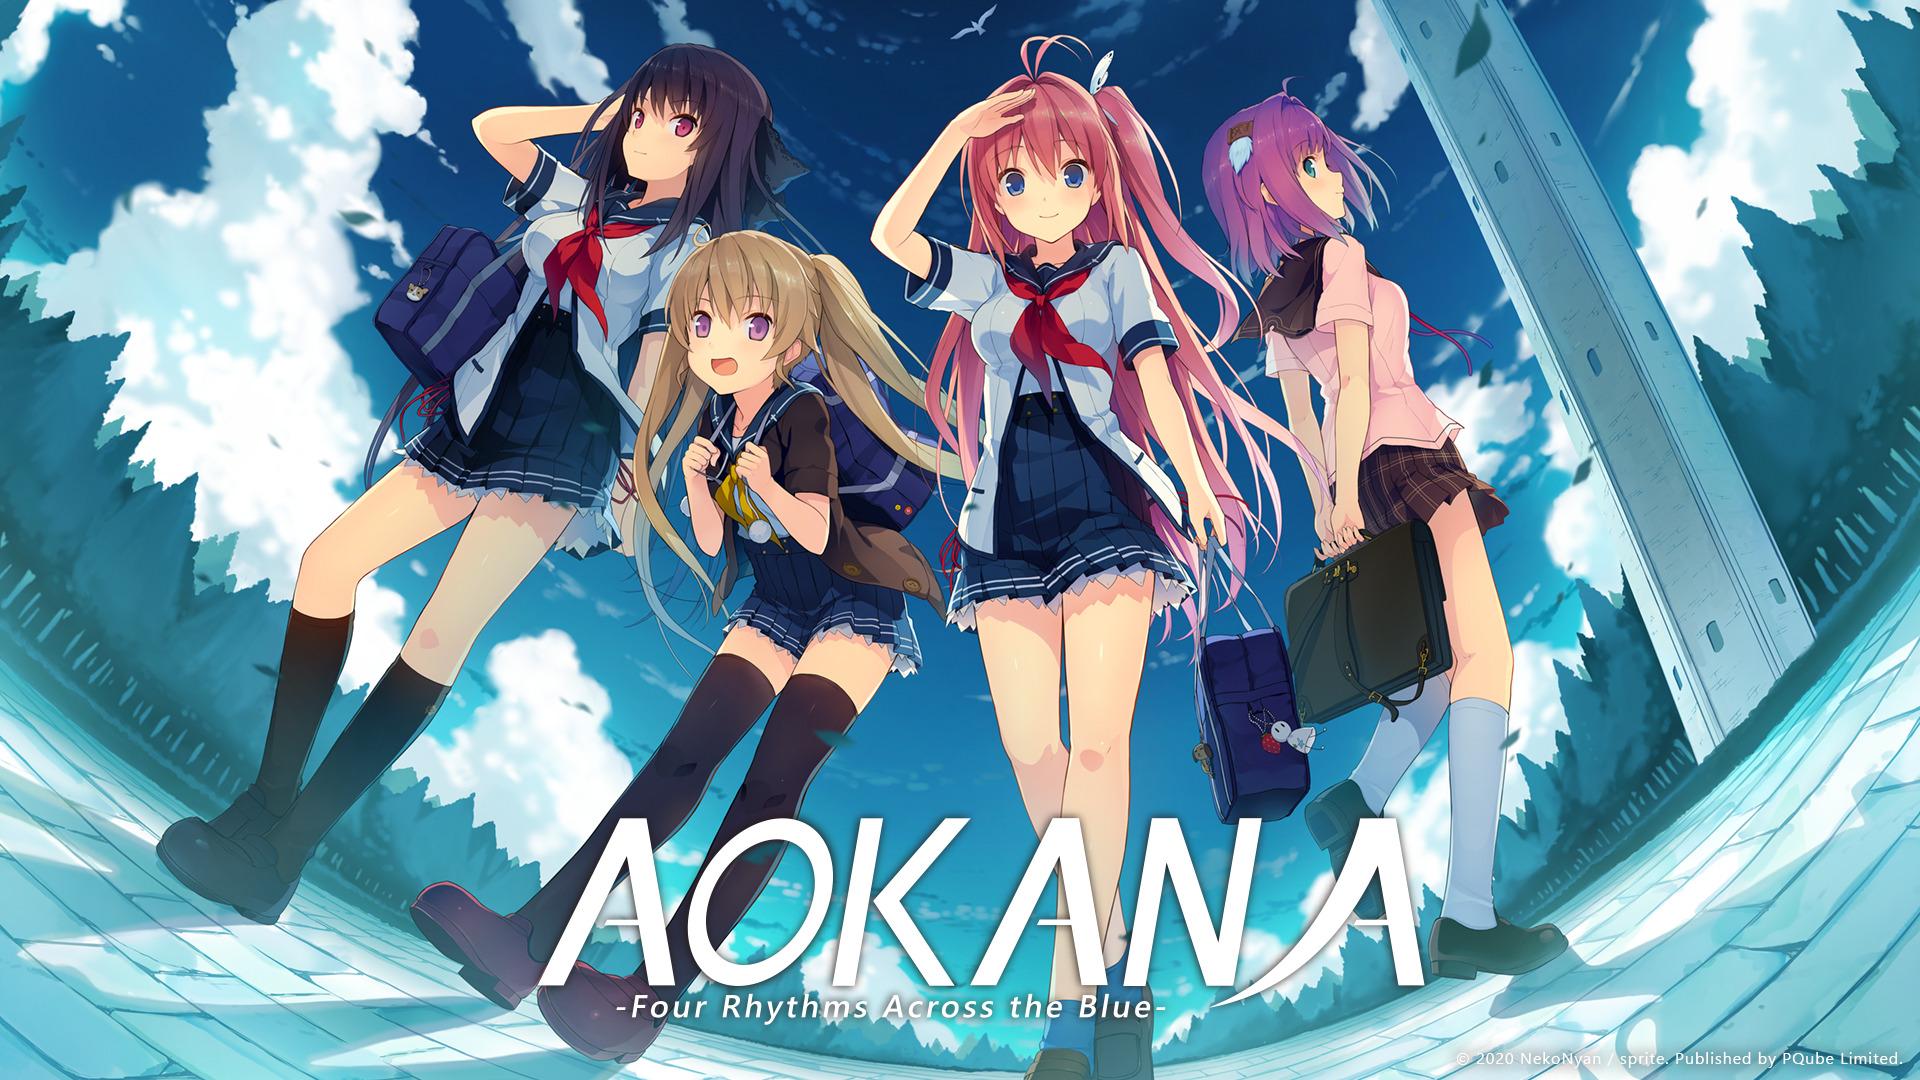 aokana switch and ps4